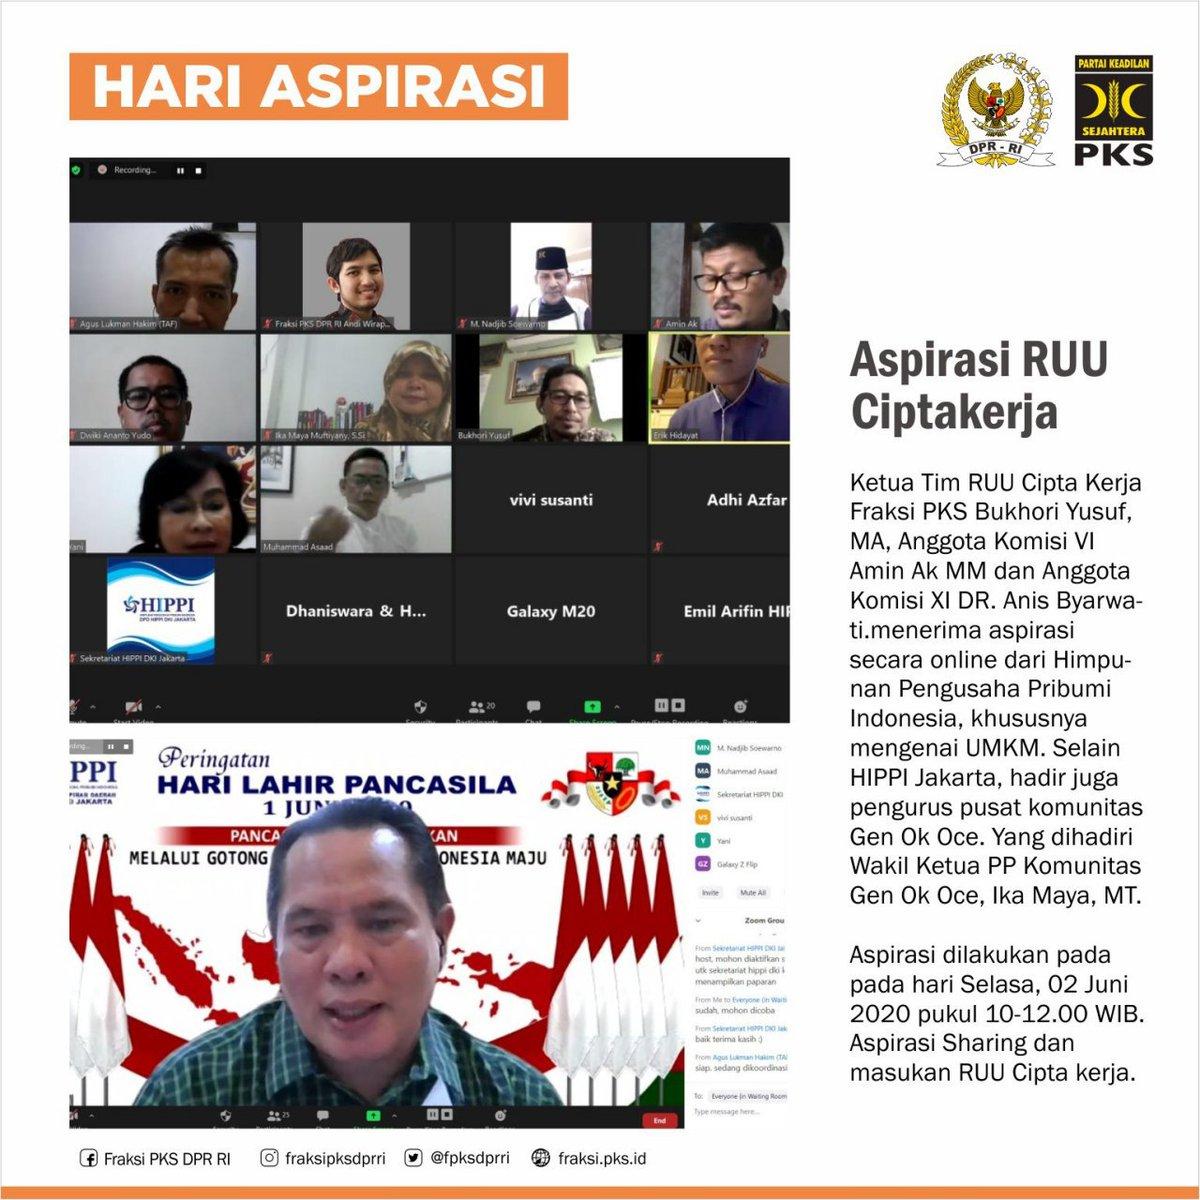 [HARI ASPIRASI FPKS DPR RI]  Fraksi PKS DPR RI mengadakan Hari Aspirasi bersama Pengurus Himpunan Pengusaha Pribumi Indonesia terkait sharing dan masukan RUU Cipta Kerja utamanya mengenani UMKM.  #fraksipksdprri  #berkhidmat  #bersamahadapicovid19  #hariaspirasifpksdprri  #Syawal https://t.co/oM2FuP33eA